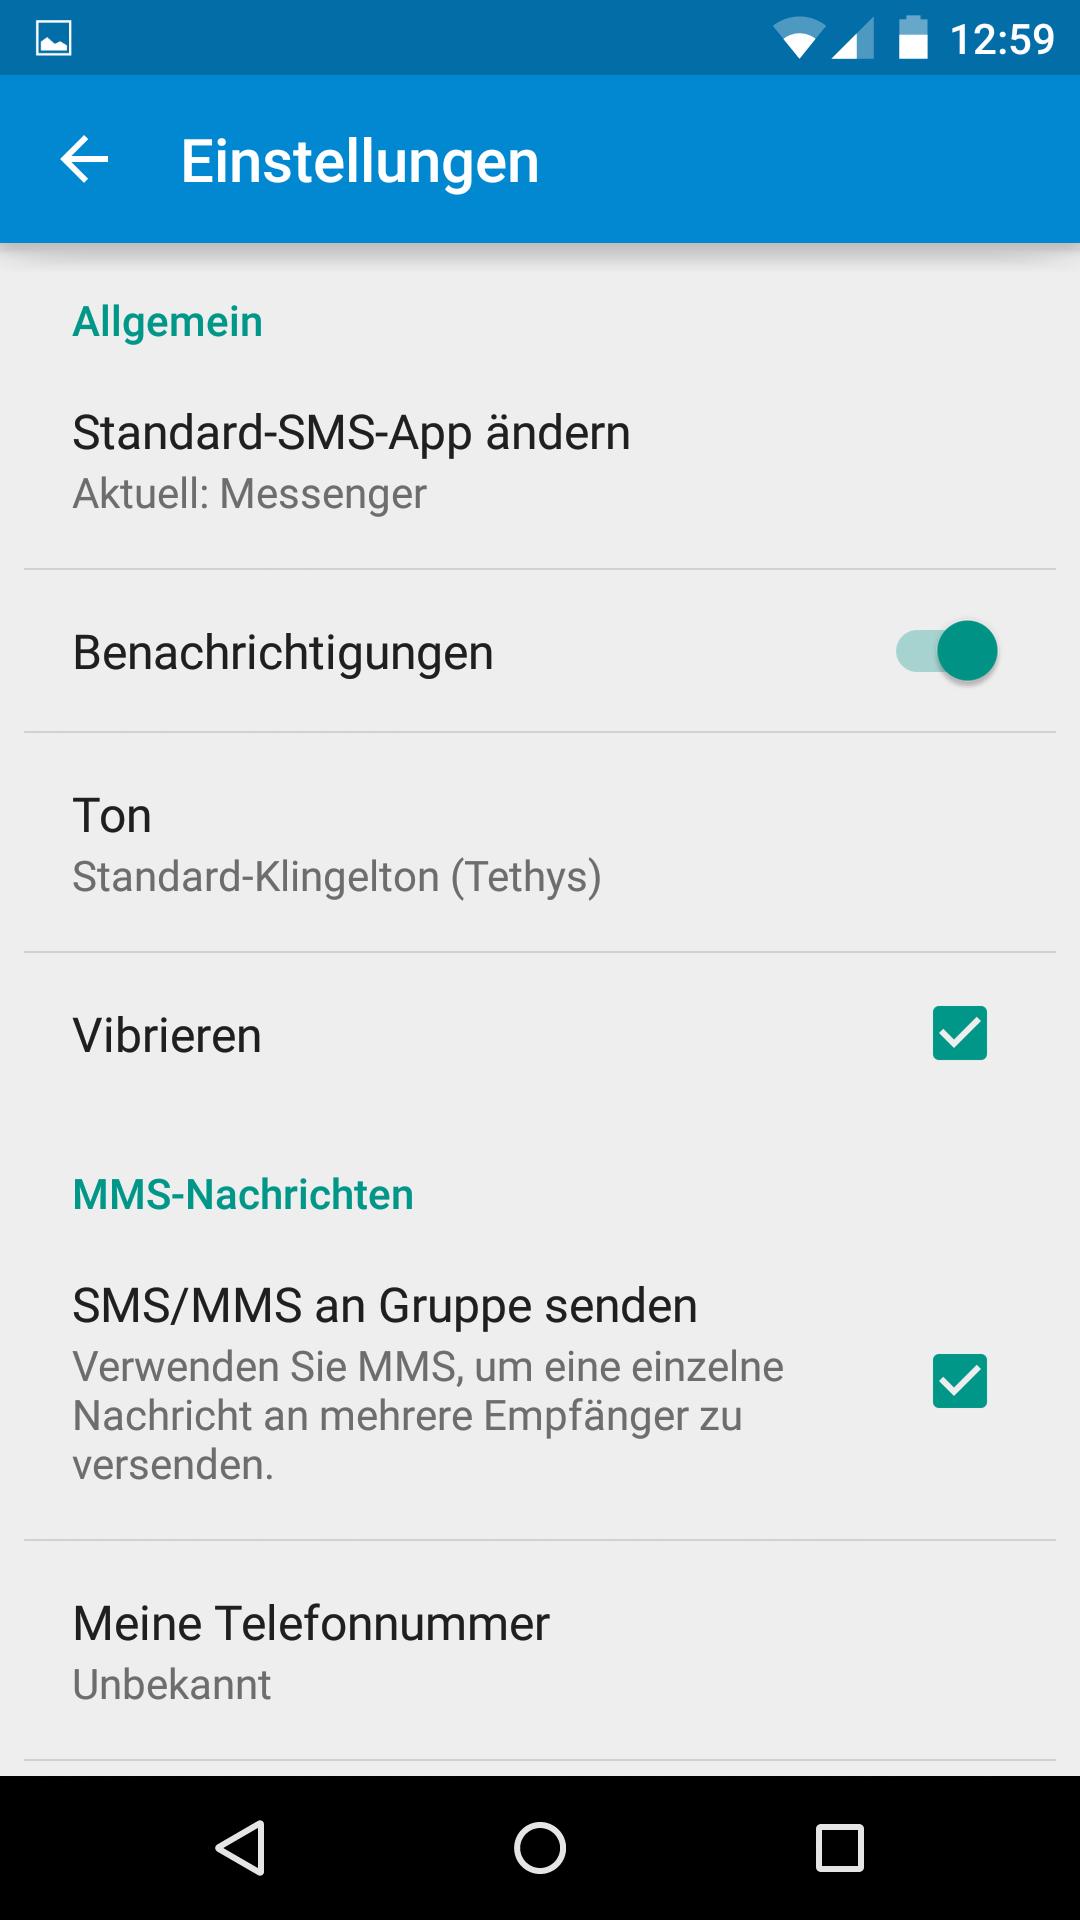 Google Messenger: SMS-App aus Android 5 0 Lollipop kann